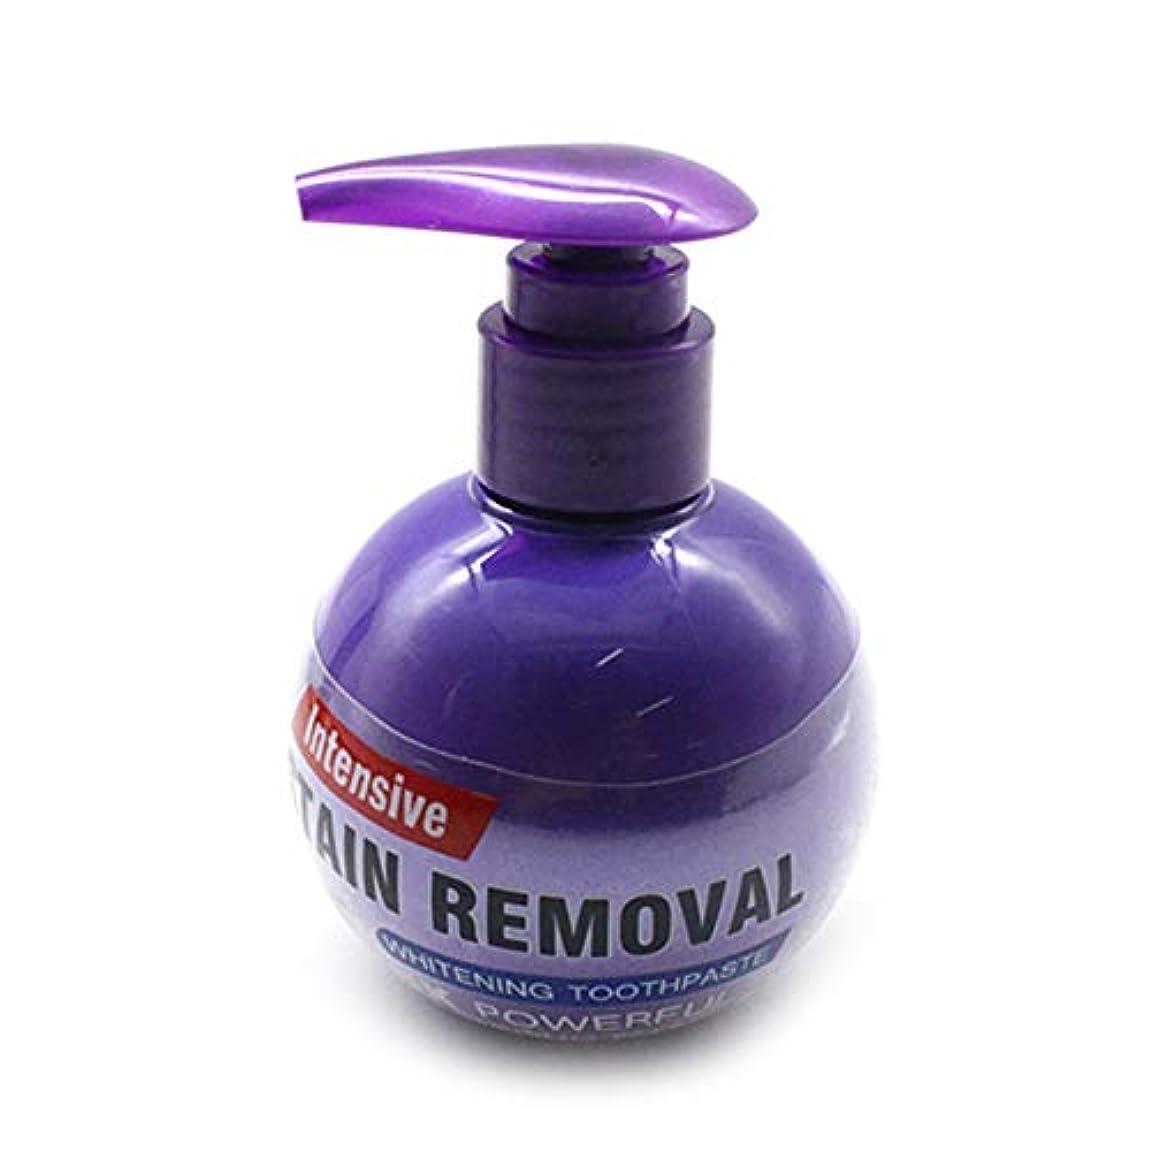 広告するデモンストレーションくすぐったいBeaurtty強力な洗剤、新しい歯磨き粉の美白、抗出血ガム、歯磨き粉、歯